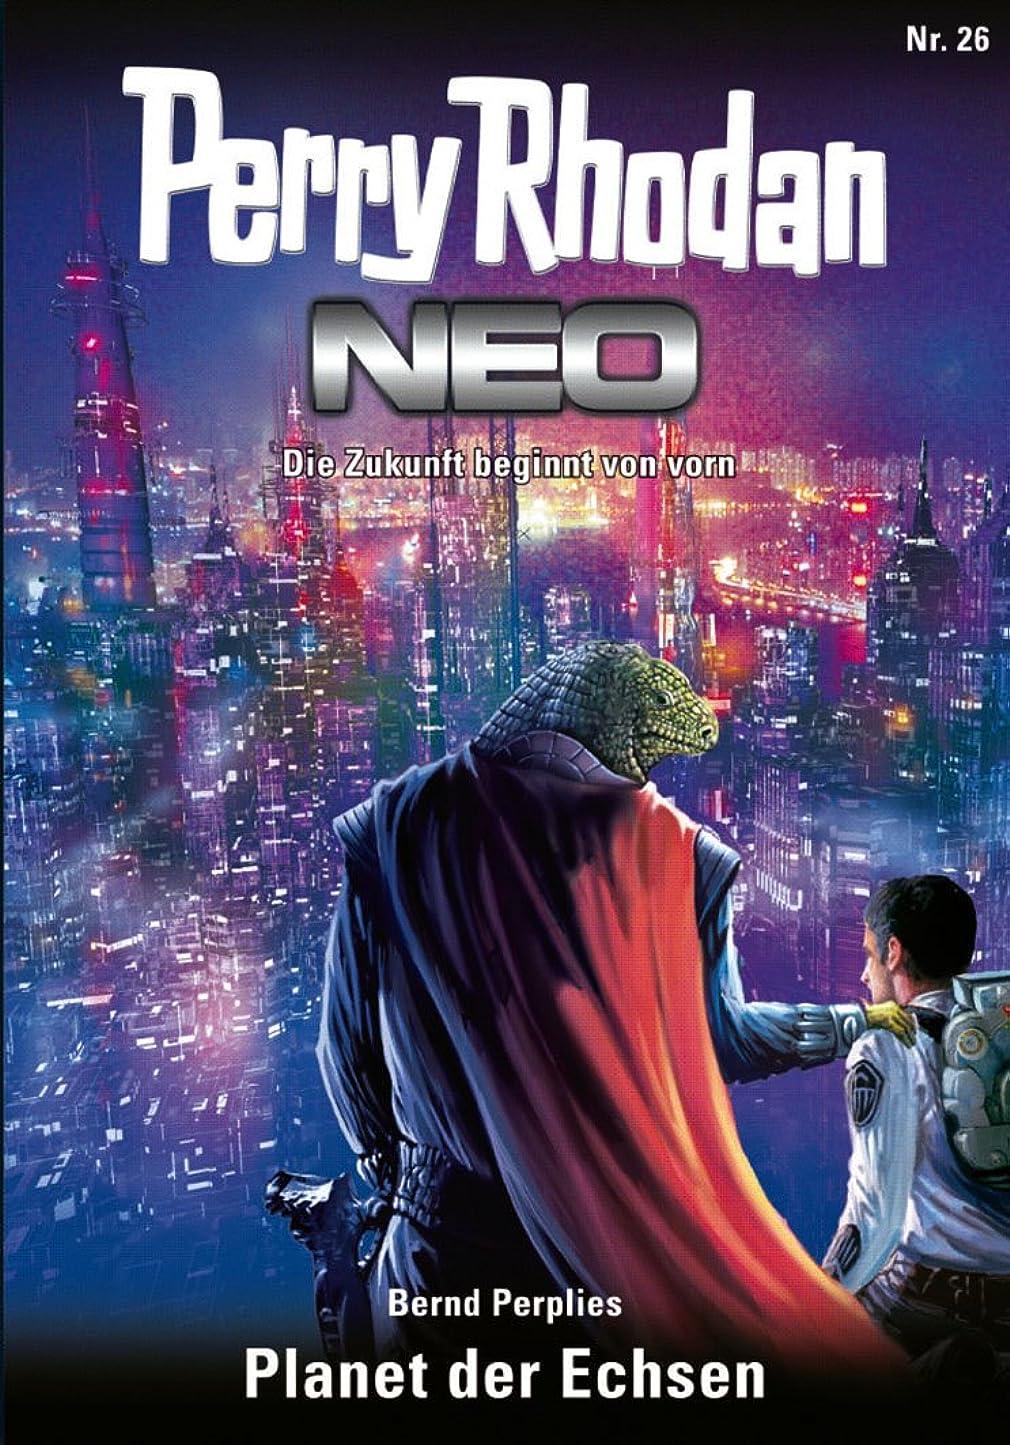 修士号テーマ口頭Perry Rhodan Neo 26: Planet der Echsen: Staffel: Vorsto? nach Arkon 2 von 12 (German Edition)